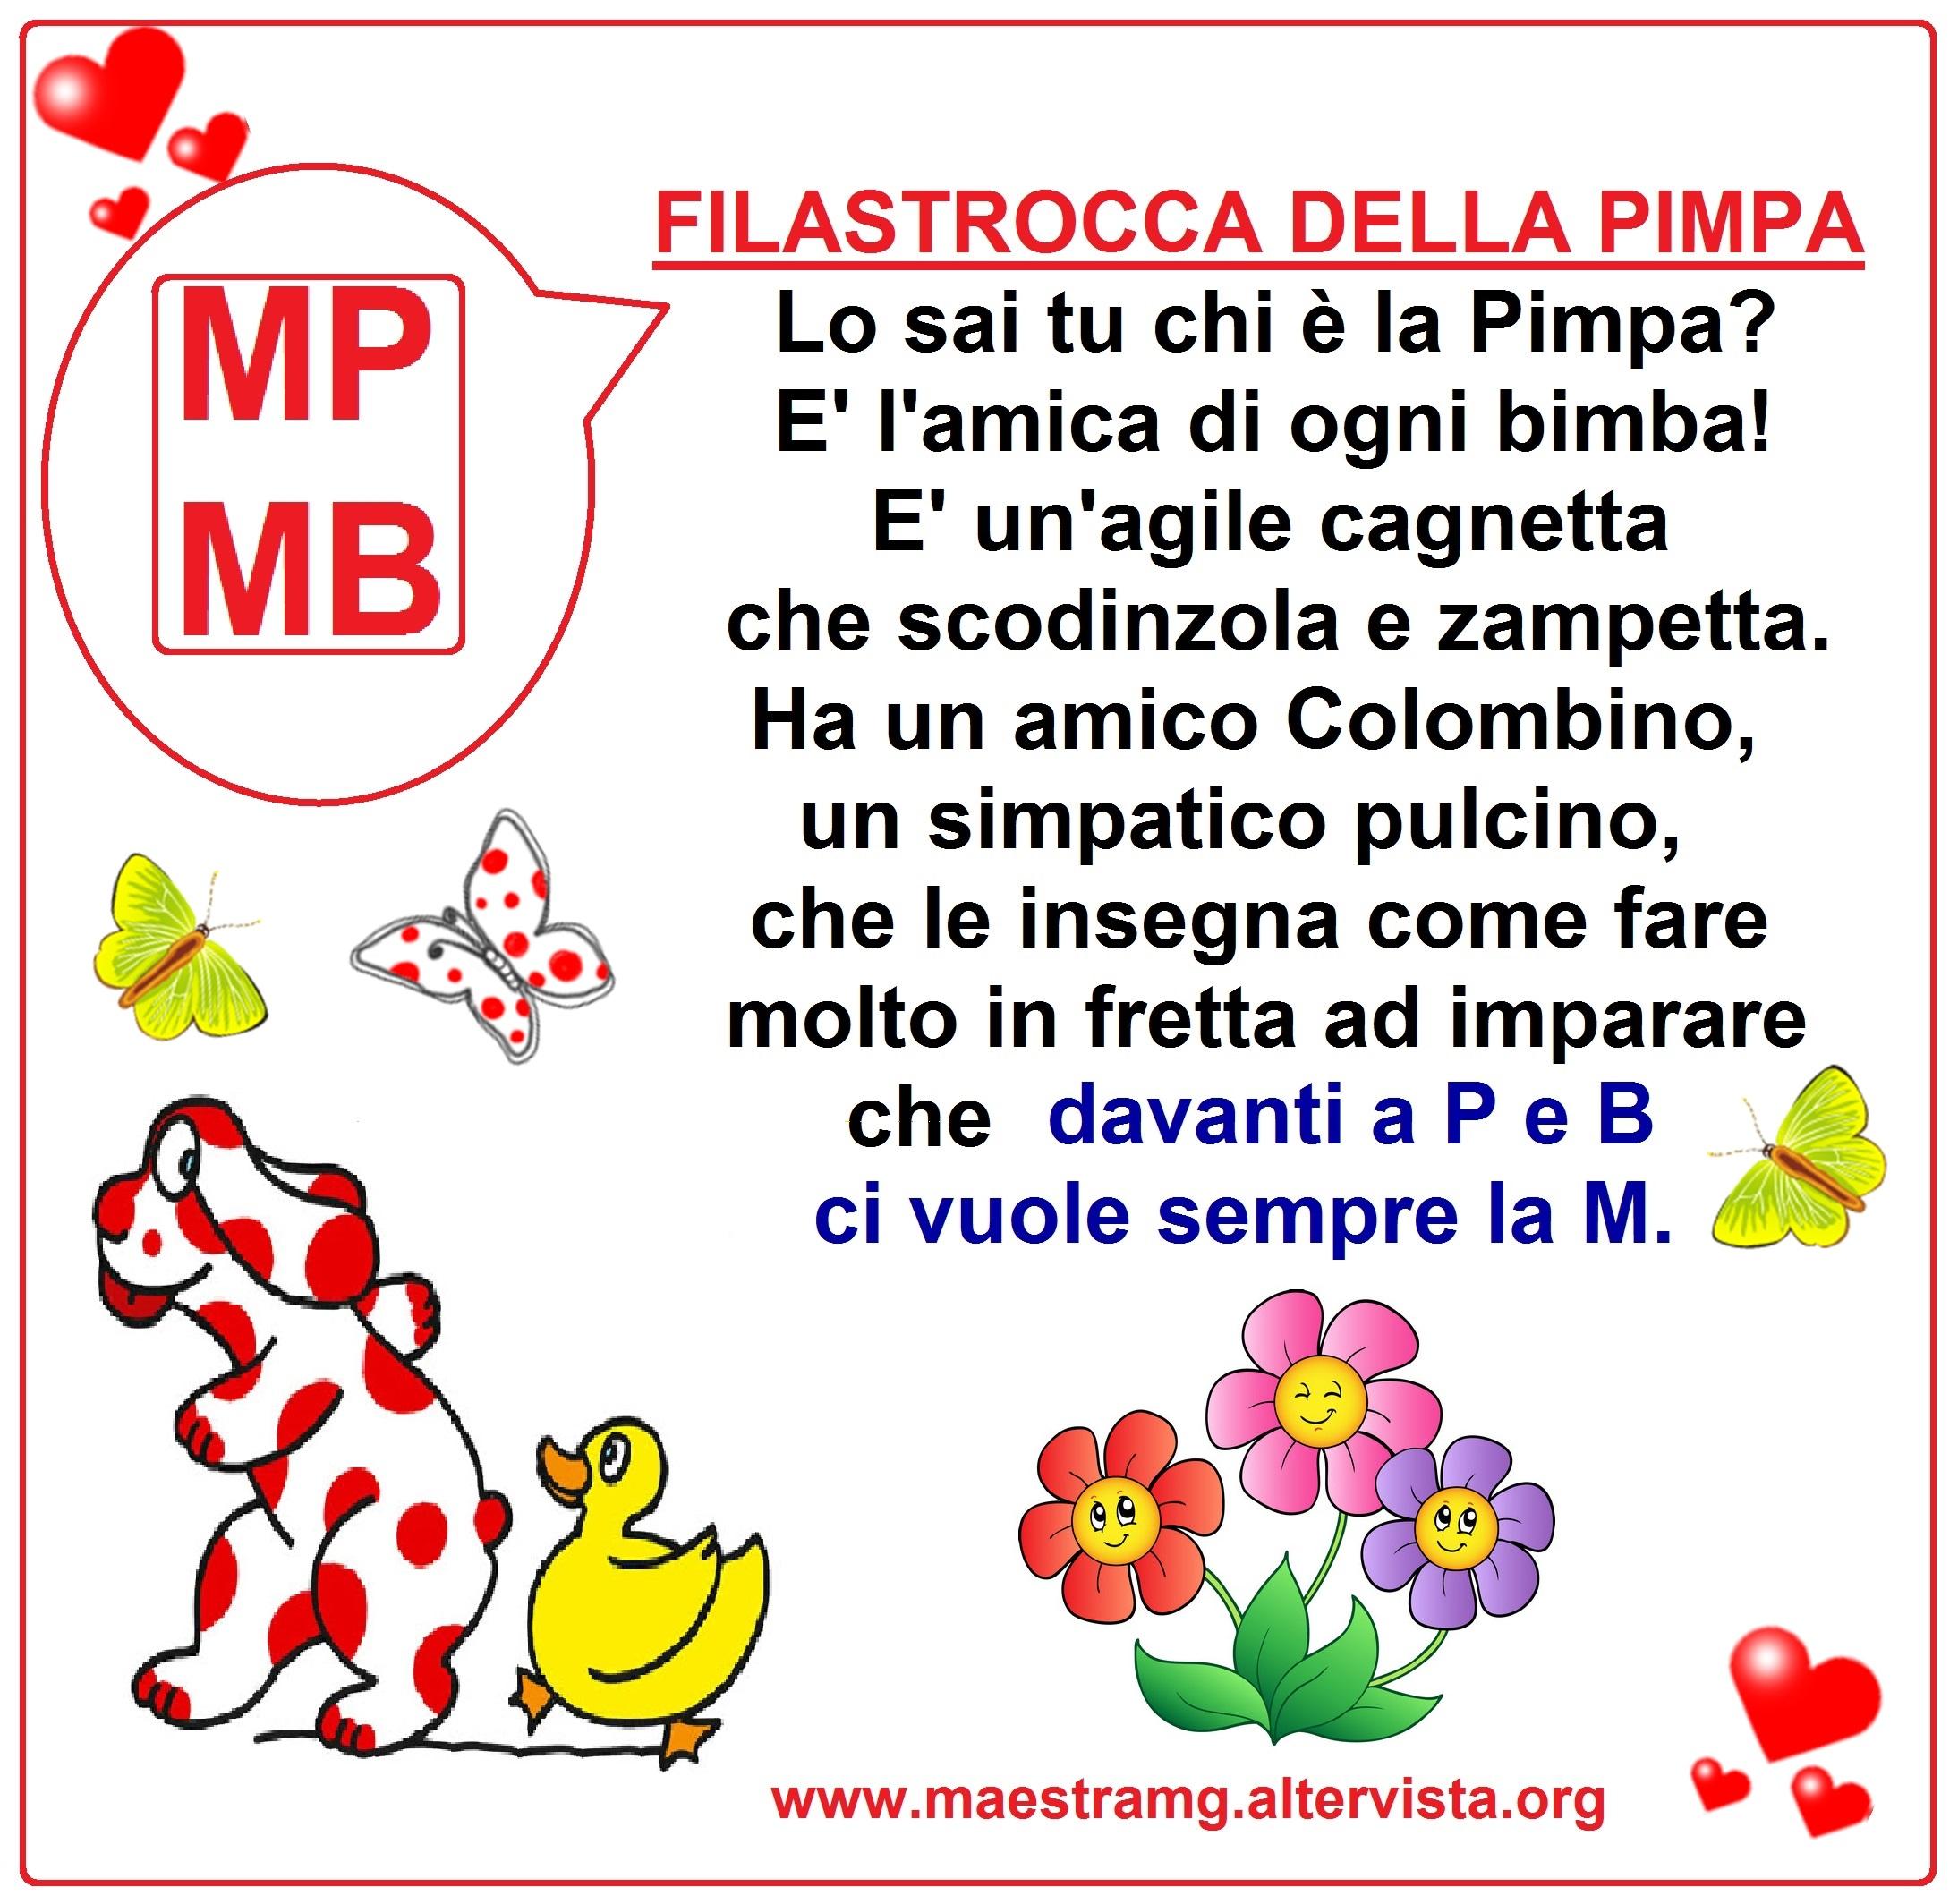 Filastrocche maestra mg for Mp mb scuola primaria